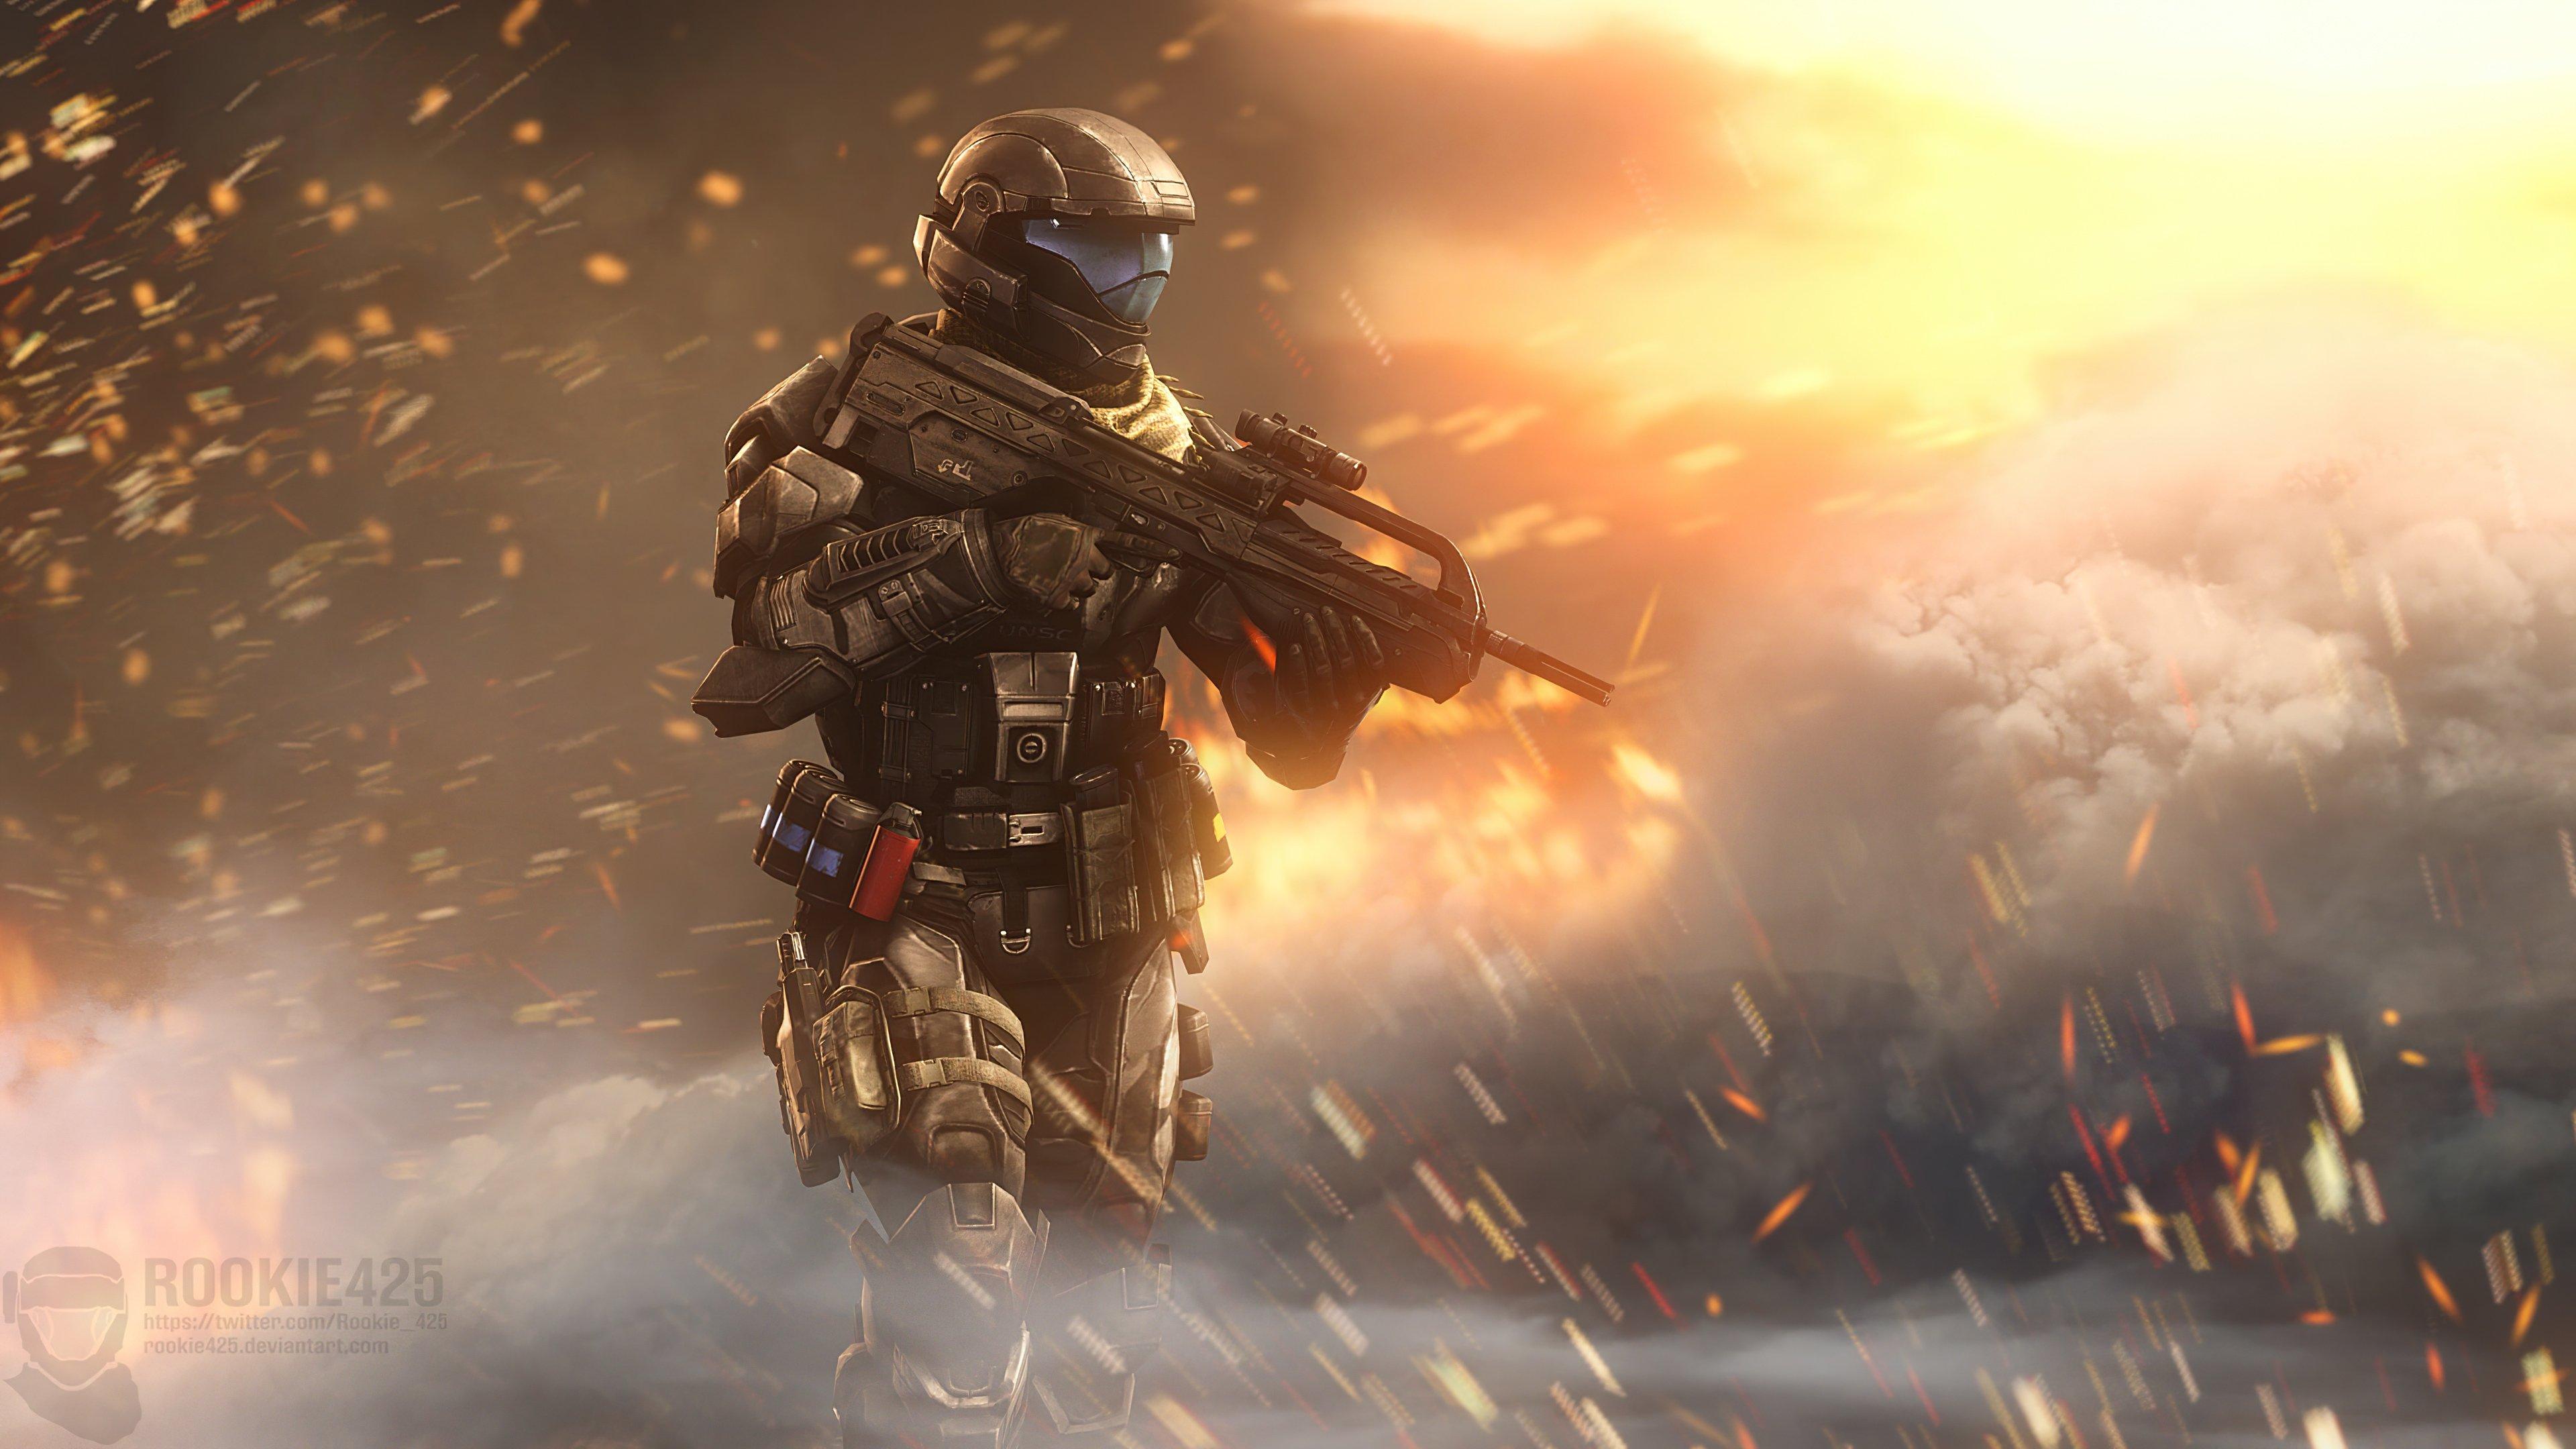 Fondos de pantalla Incendary Halo